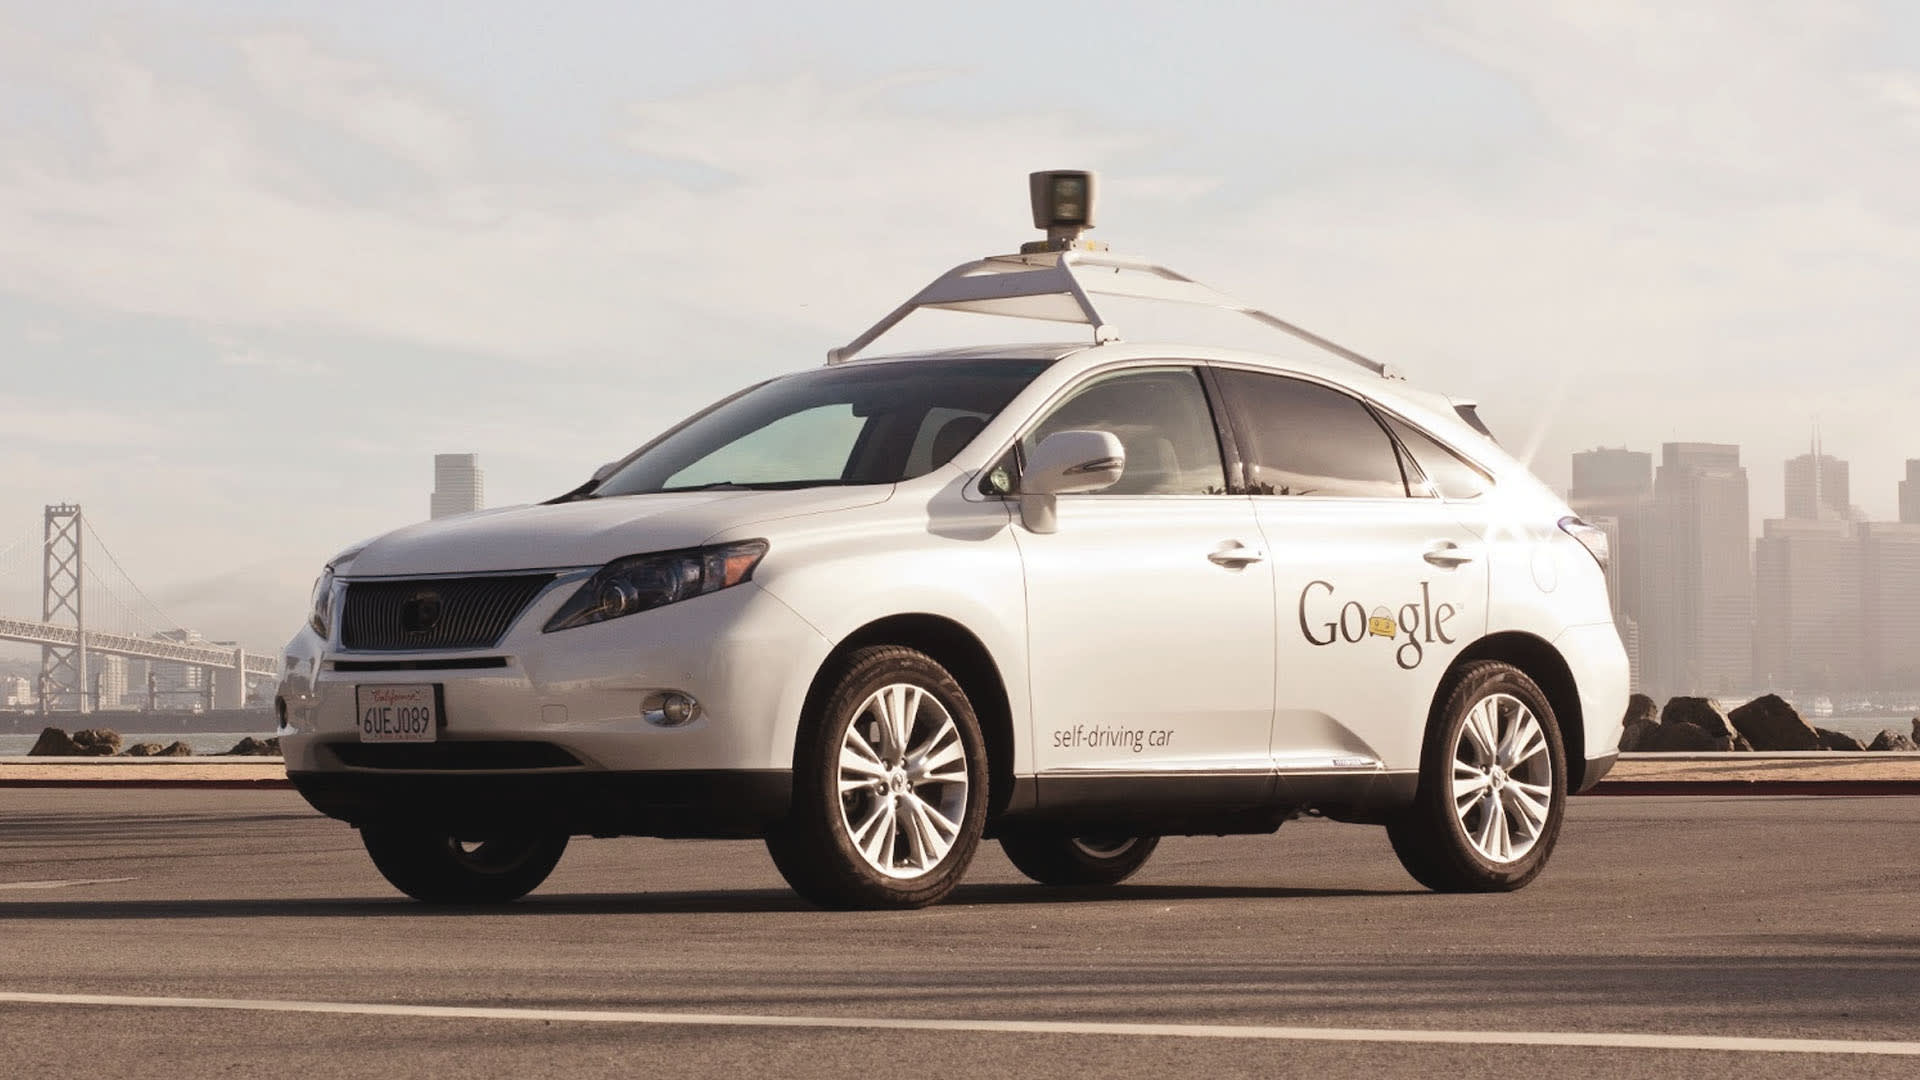 Na imagem, você um carro autônomo do Google.